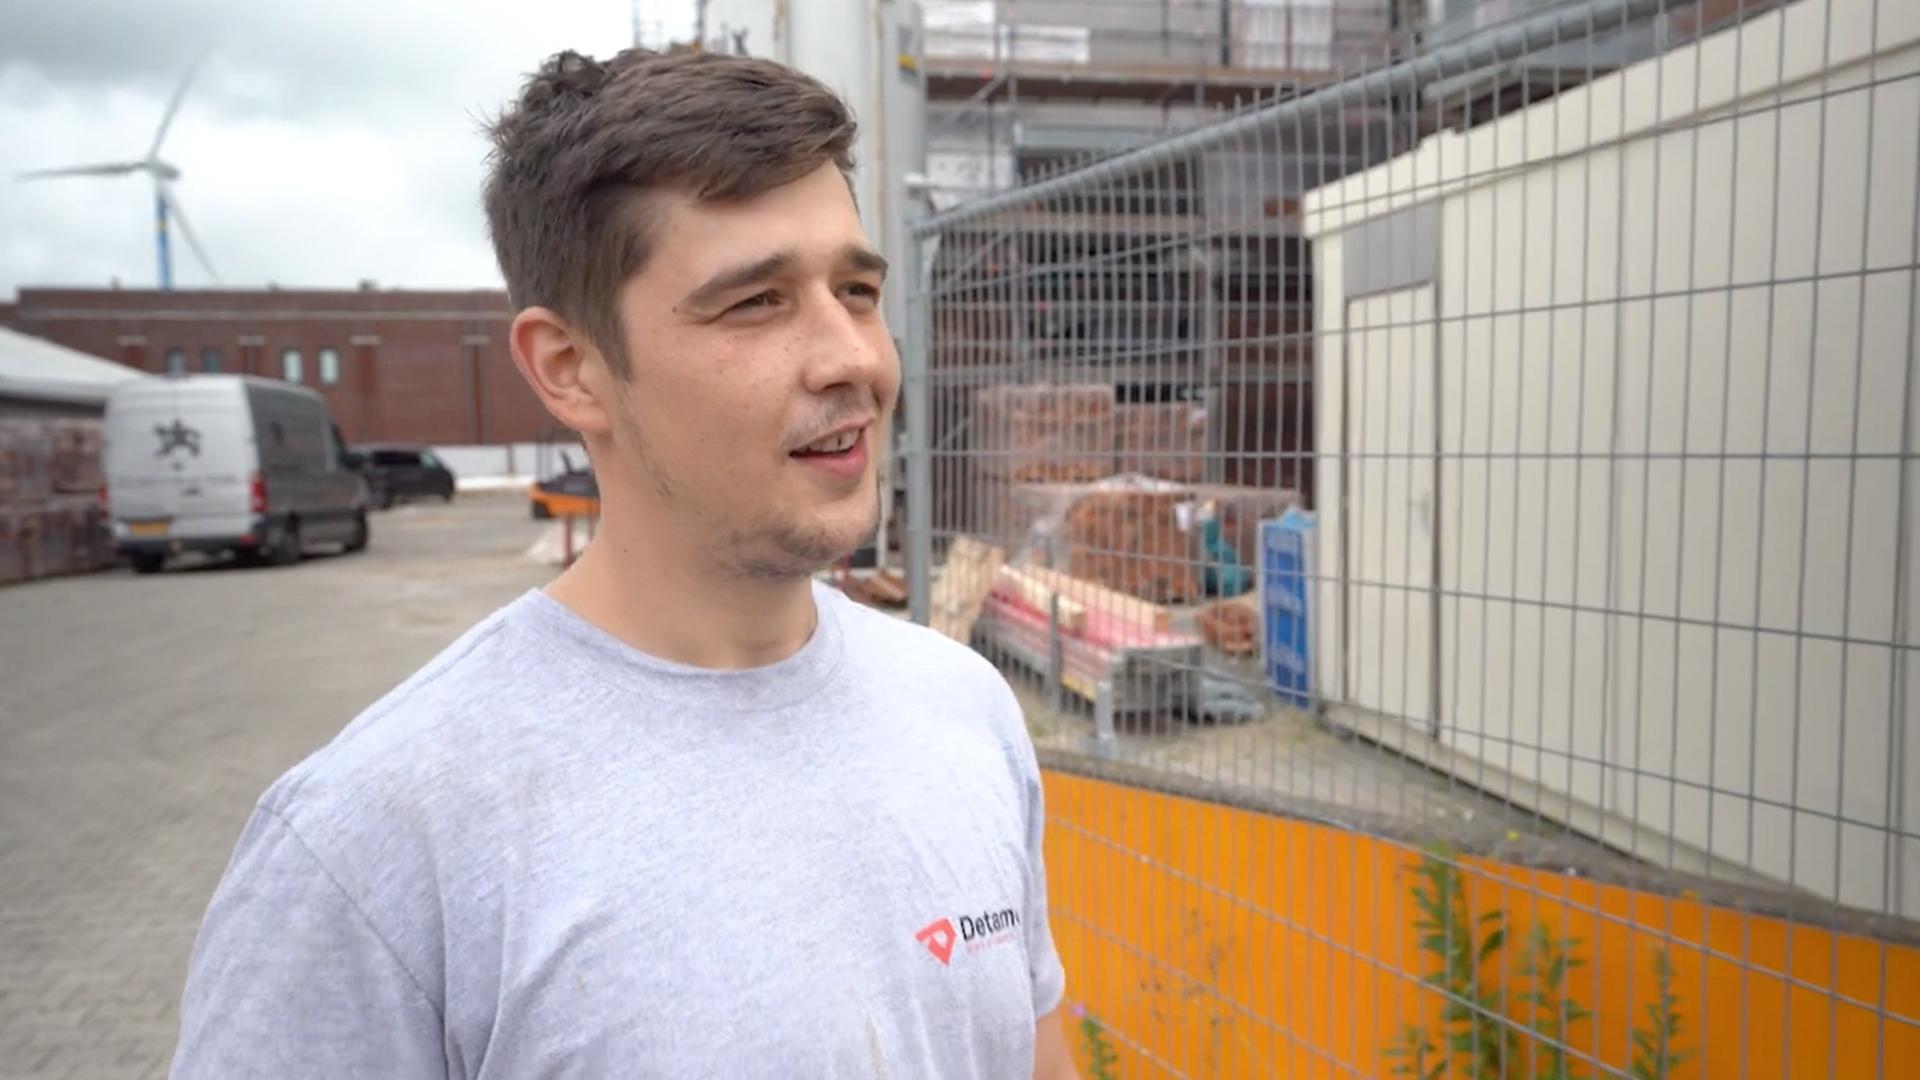 Filip, elektromonteur bij Detamo